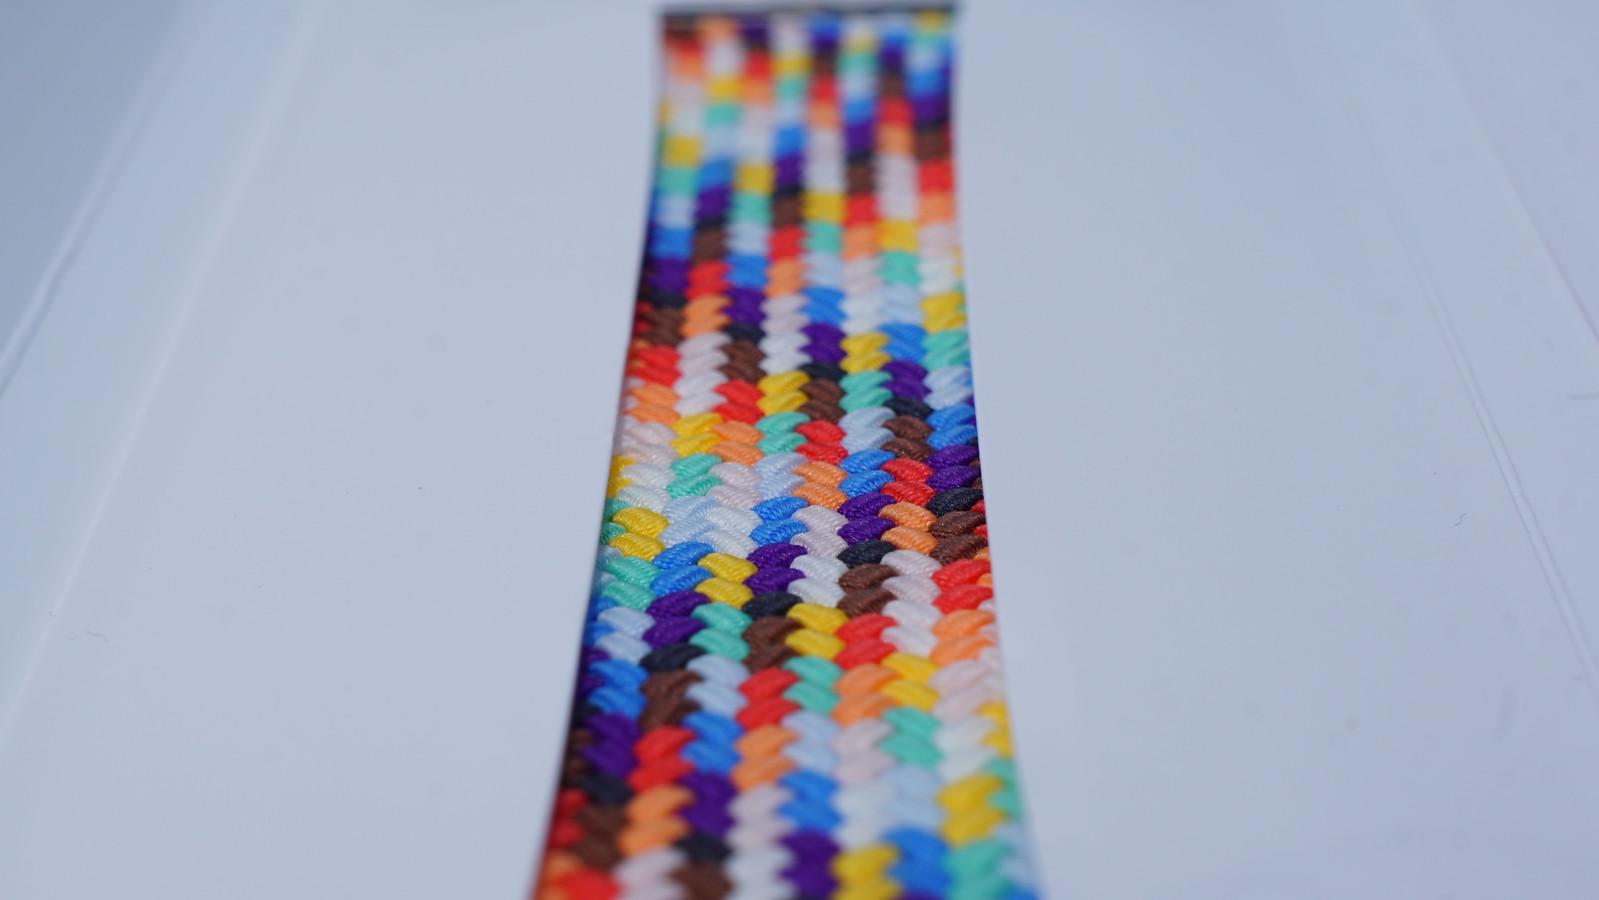 極細のシリコーン糸を織り込んだブレイデッドソロループ